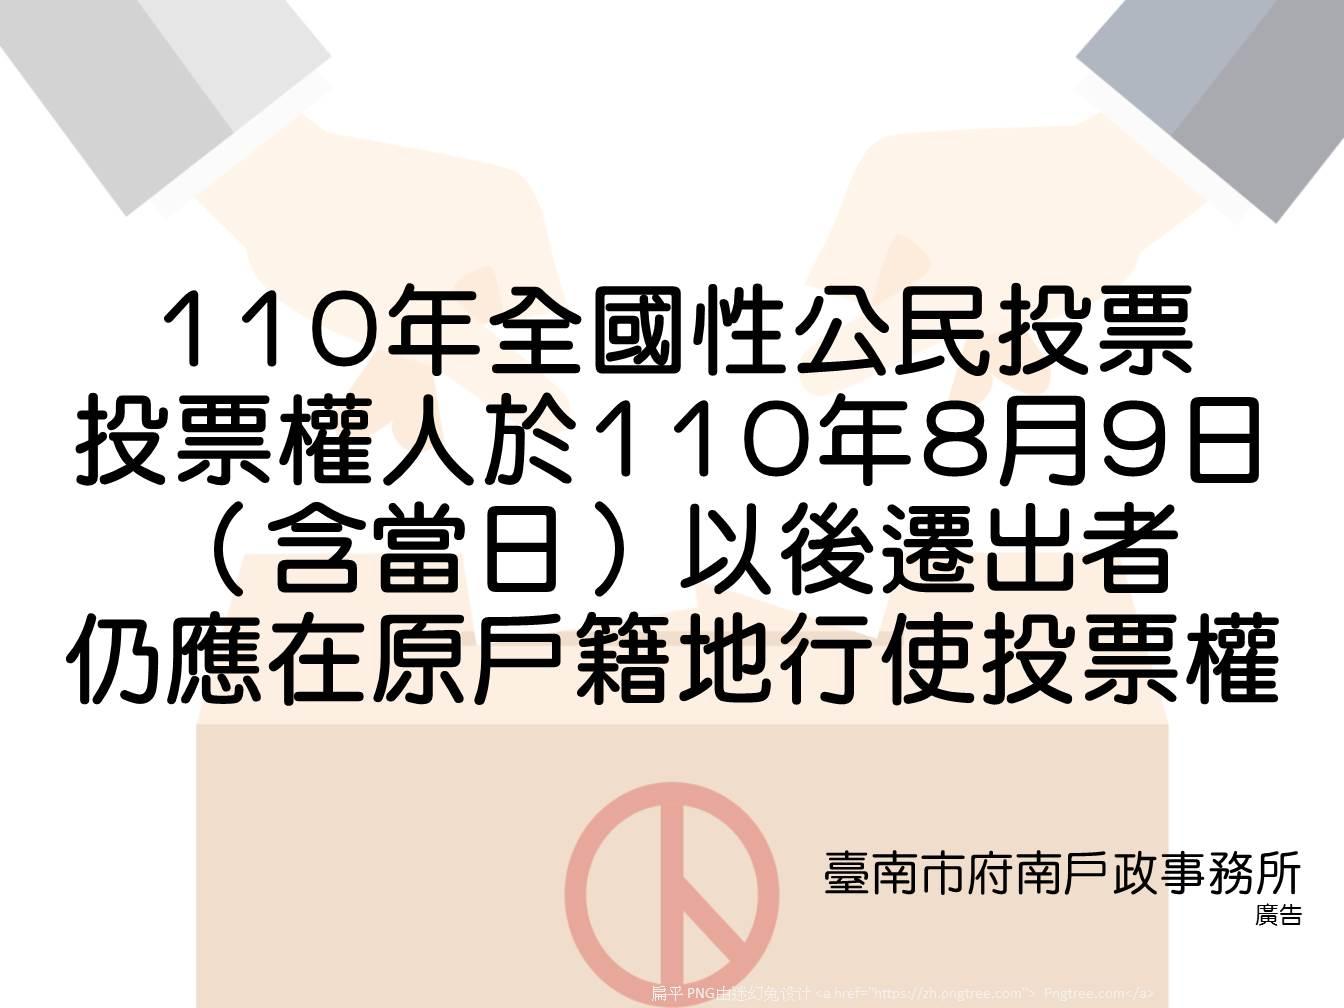 1100060901 110年8月9日以後遷出者,應於原籍行使公民投票權